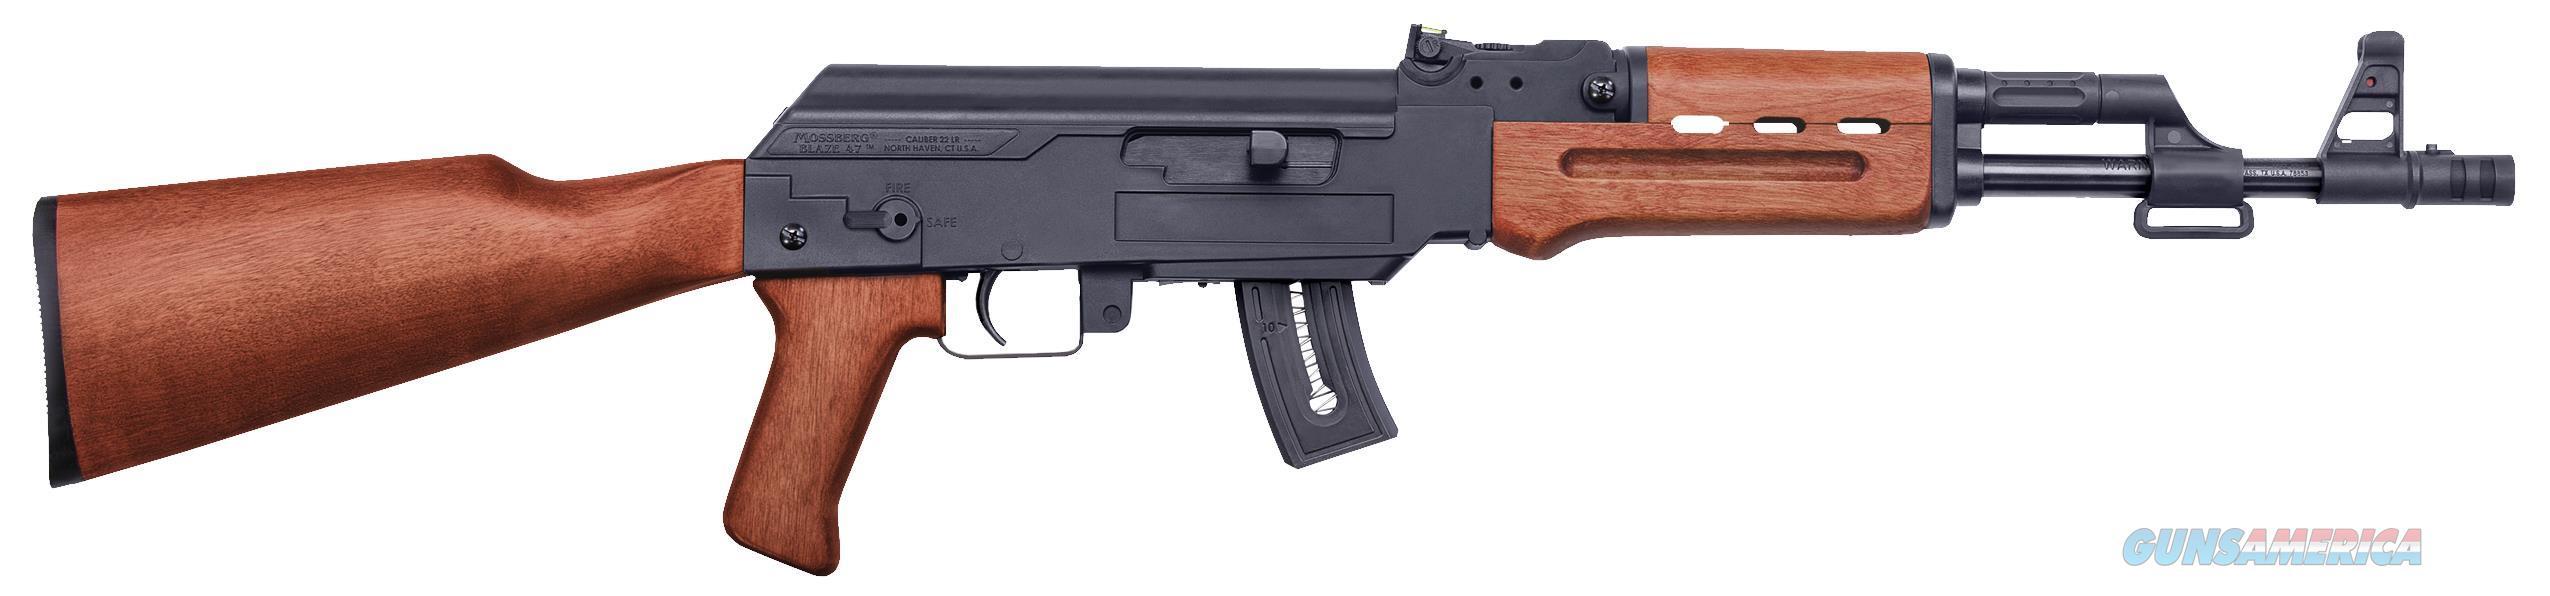 Mossberg Blaze 47 22Lr 16.5''  26-Rd Wood Furniture 37255  Guns > Rifles > MN Misc Rifles